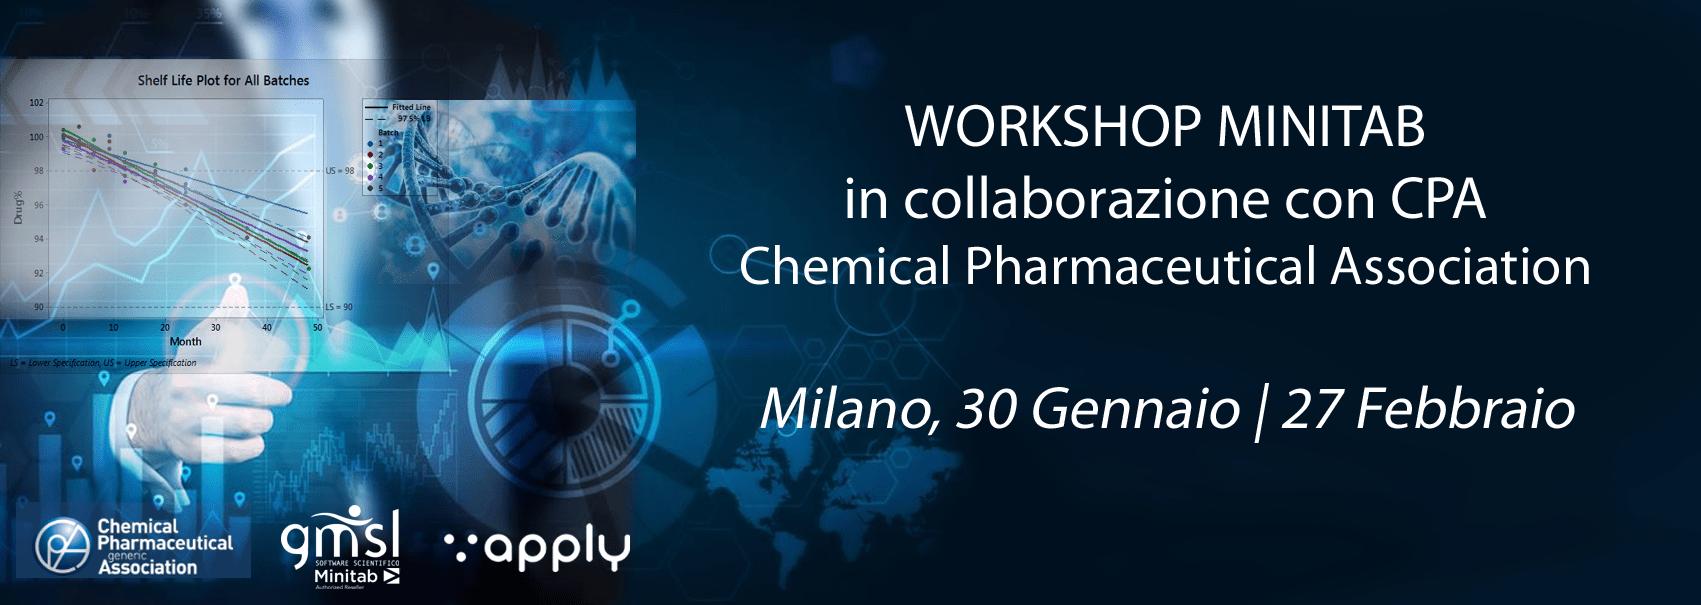 2019_01_02_CPA Minitab | Workshop CPA: Analisi statistica in ambito chimico-farmaceutico. Esempi pratici per un sicuro miglioramento